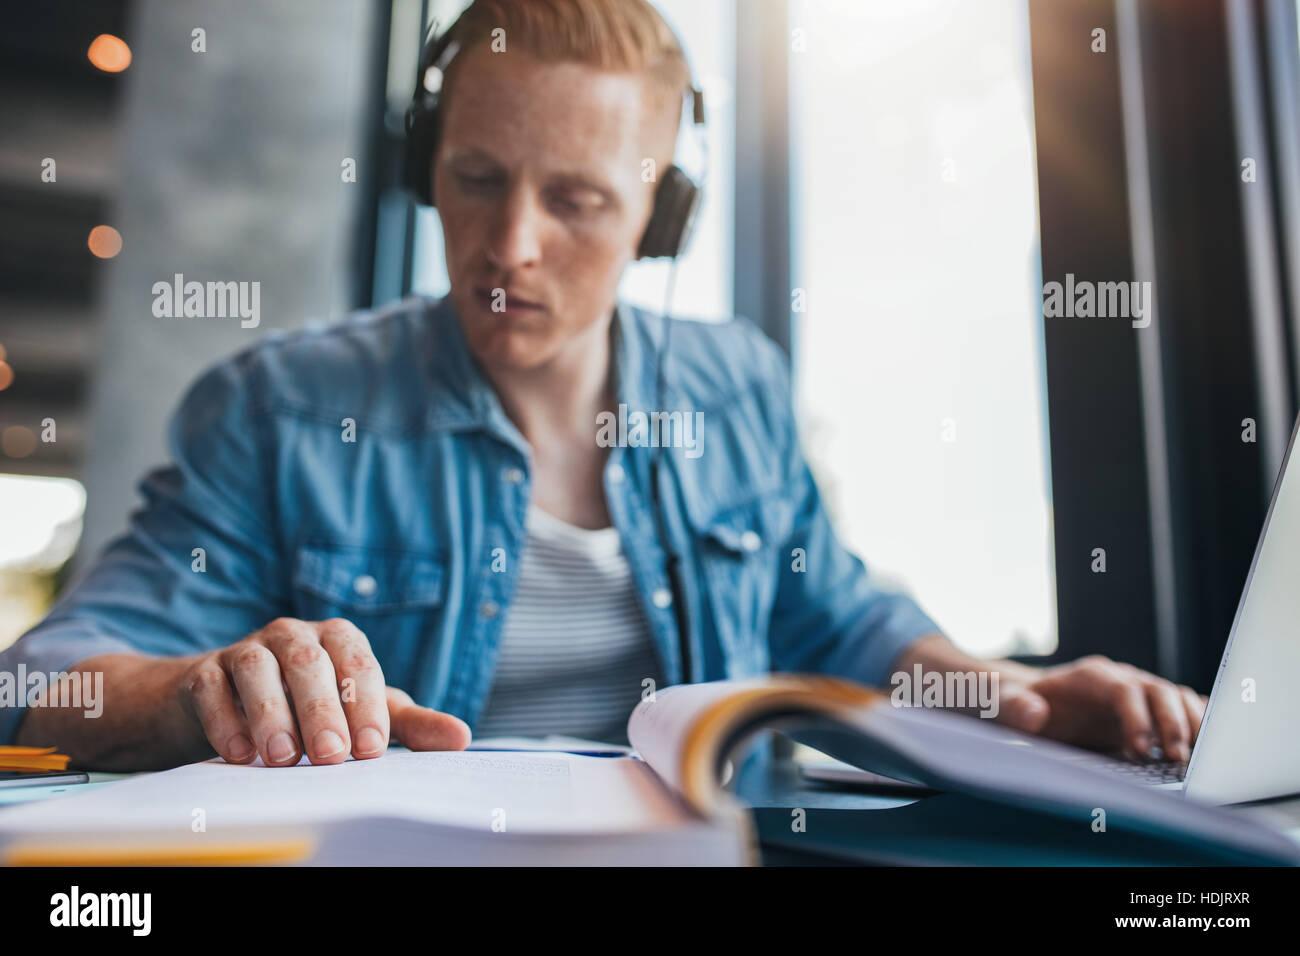 Hombre joven sentado a la mesa con libros y un portátil para buscar información. Macho joven estudiante Imagen De Stock